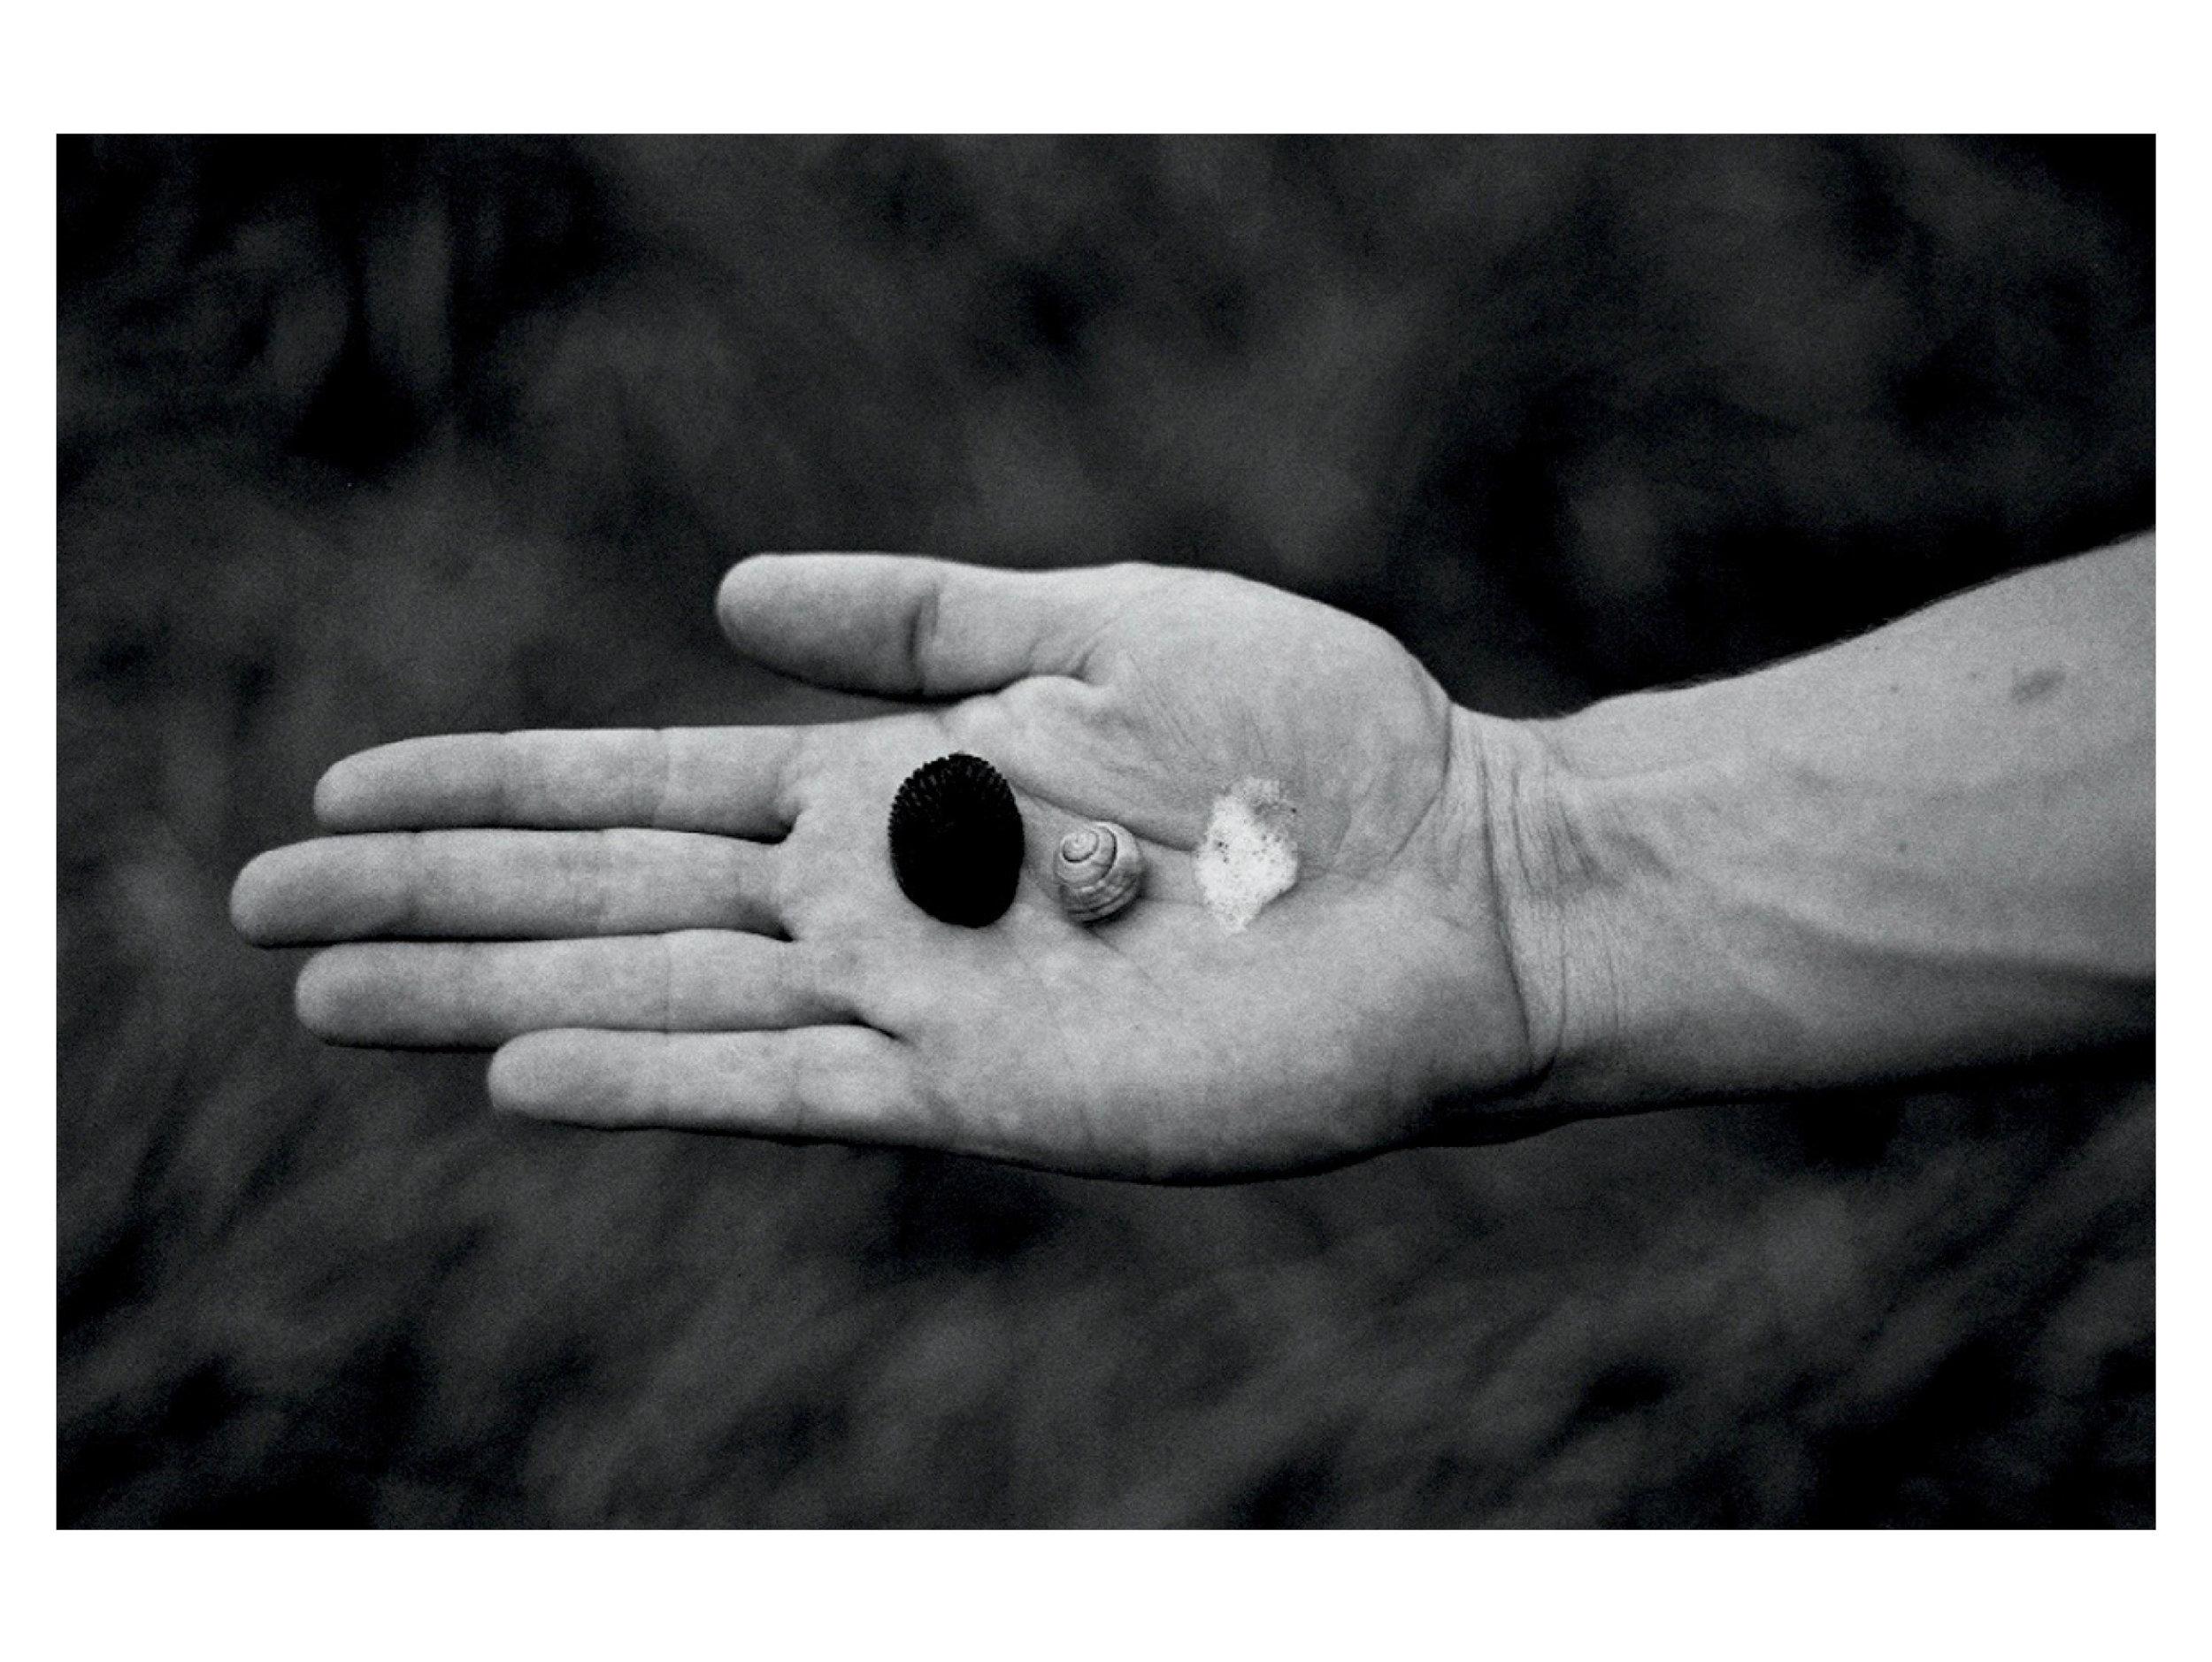 Samana Music, Samana, Samana Photography, Analogue Photography, Black and white photography